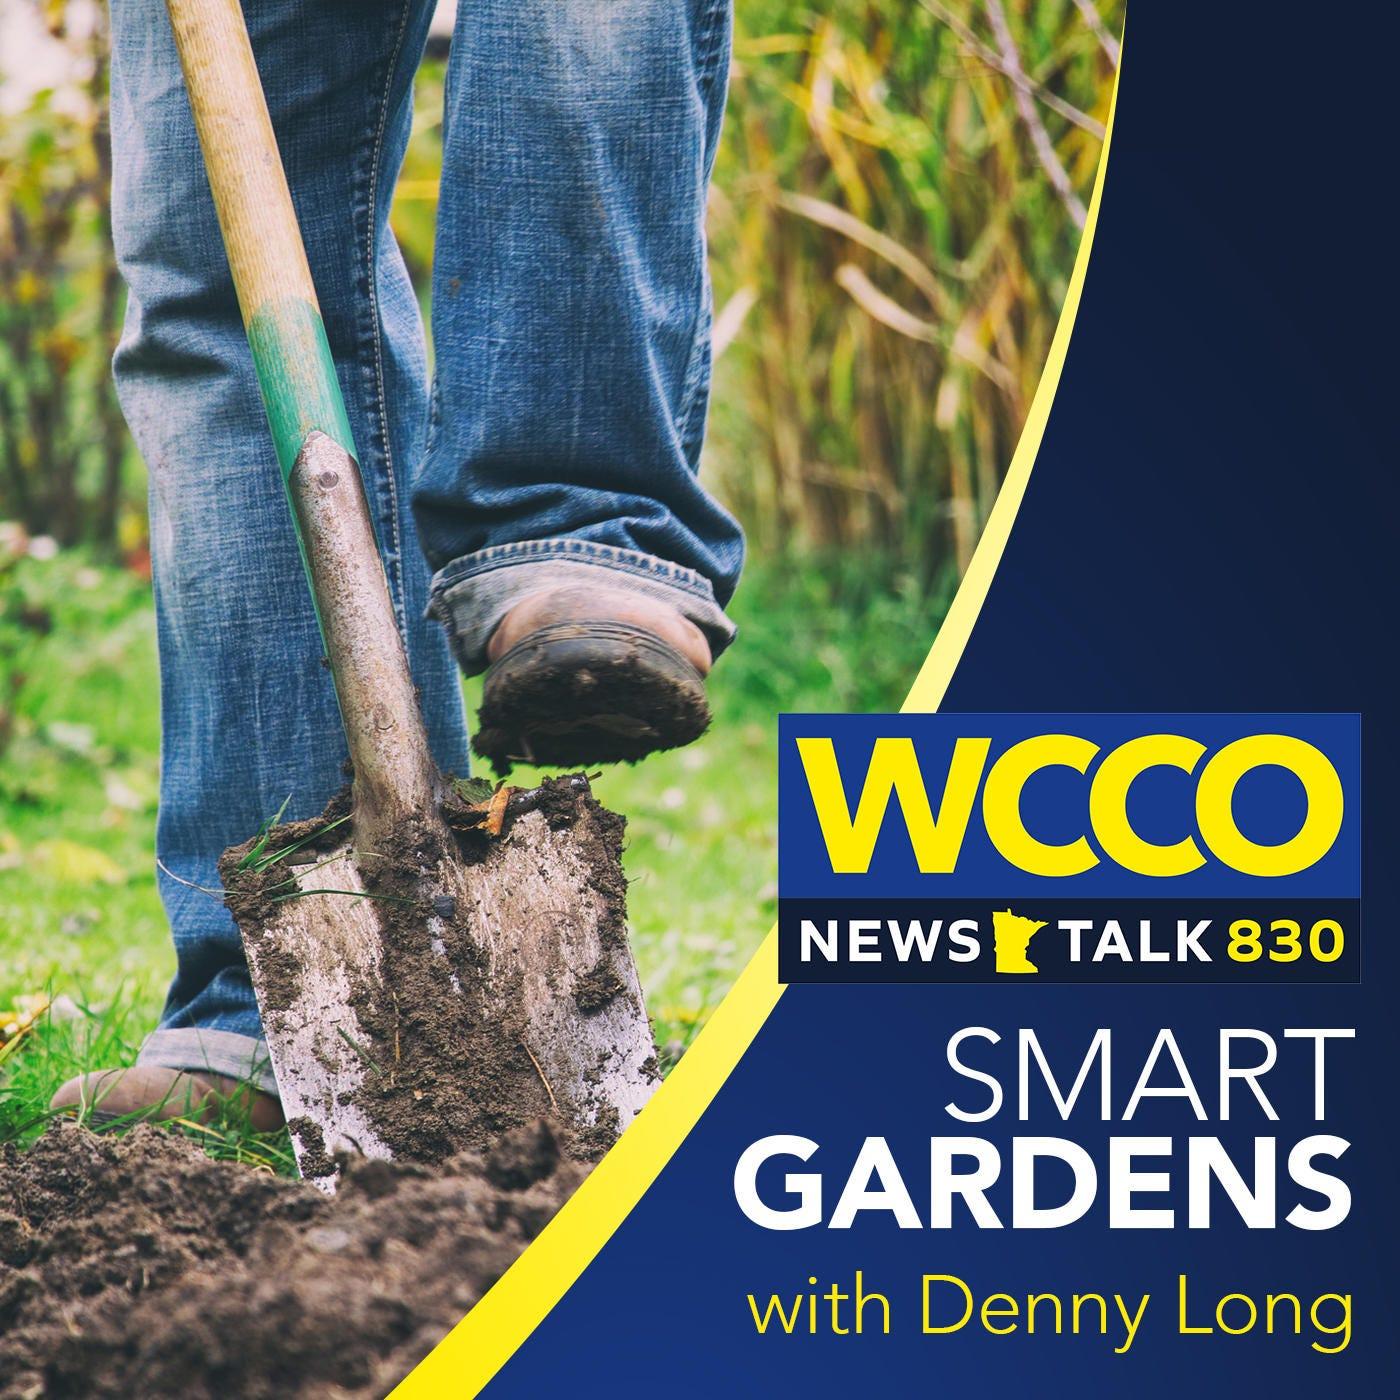 WCCO's Smart Gardens